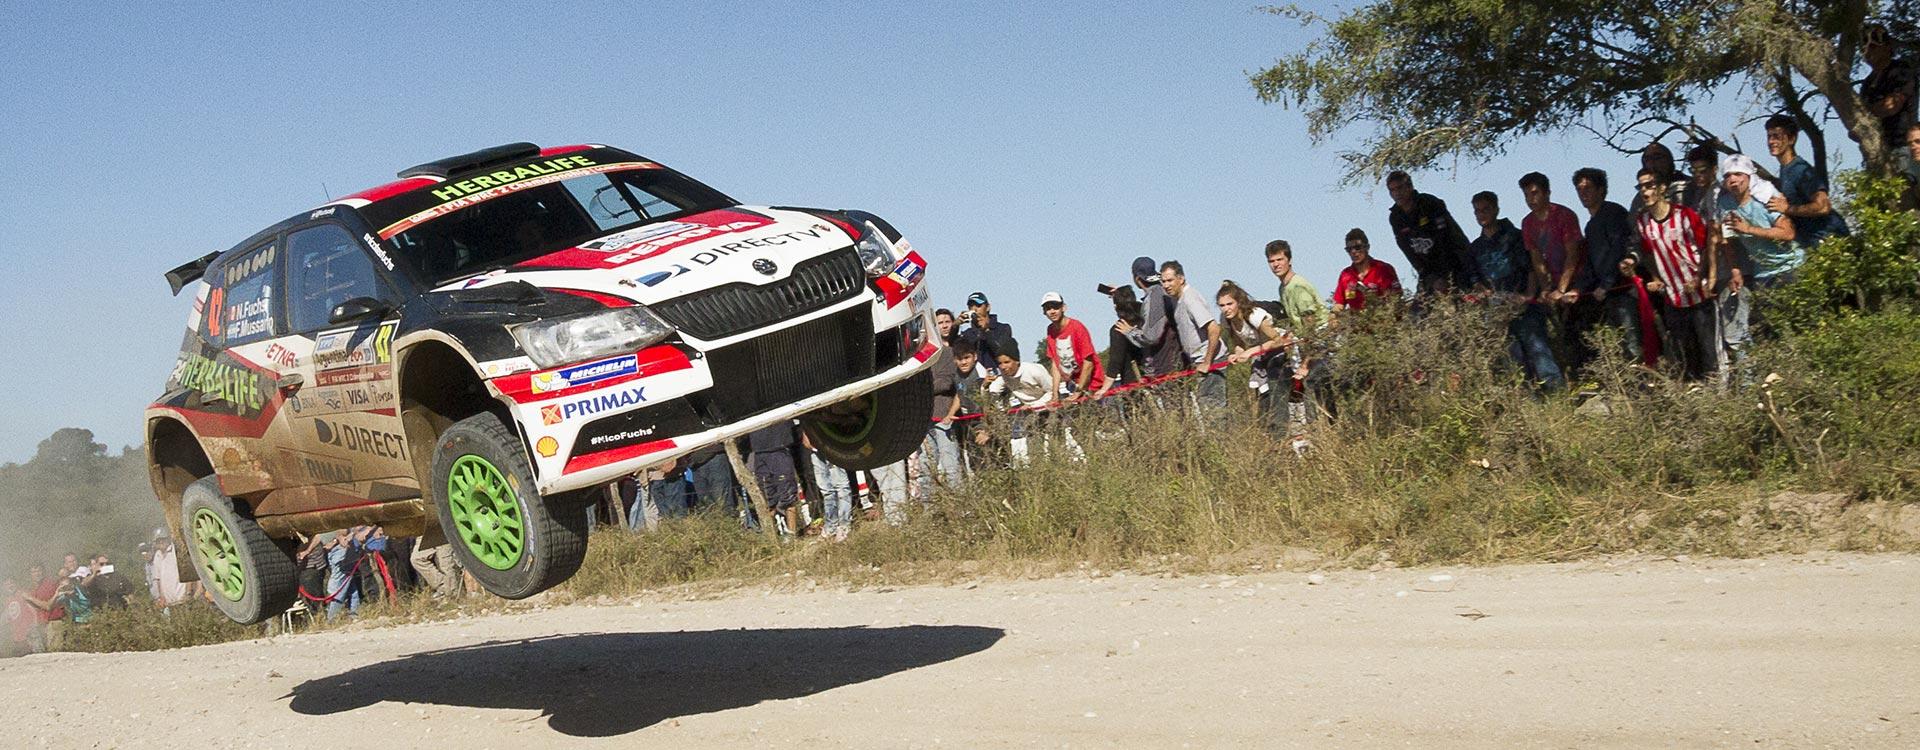 WRC Argentina: Druhé vítězství vozu ŠKODA Fabia R5 ve WRC2 v řadě